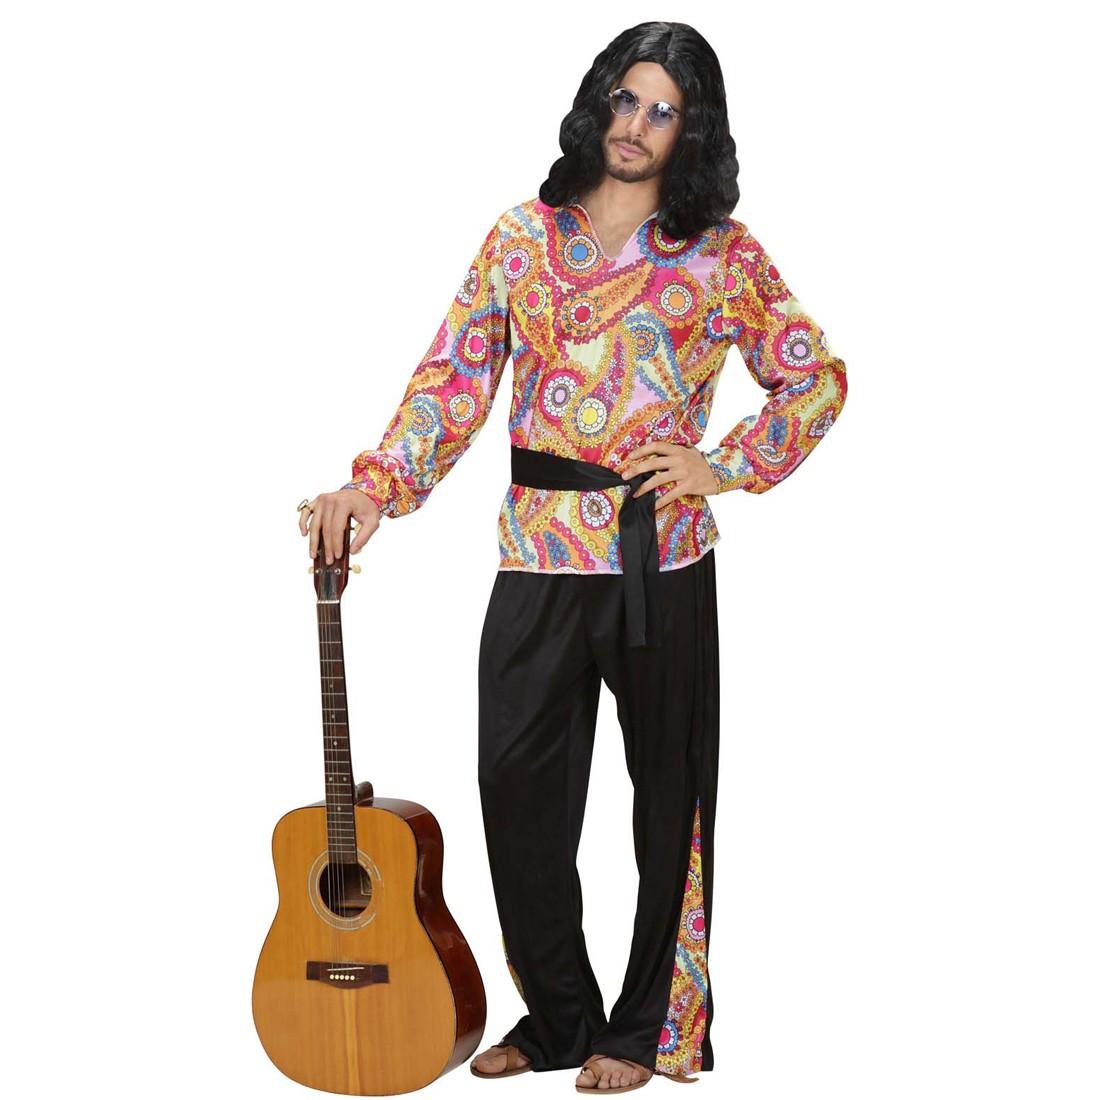 Hippie Outfit Herren 70er Jahre Kostum Hippiekostum Hemd Hose Gurtel